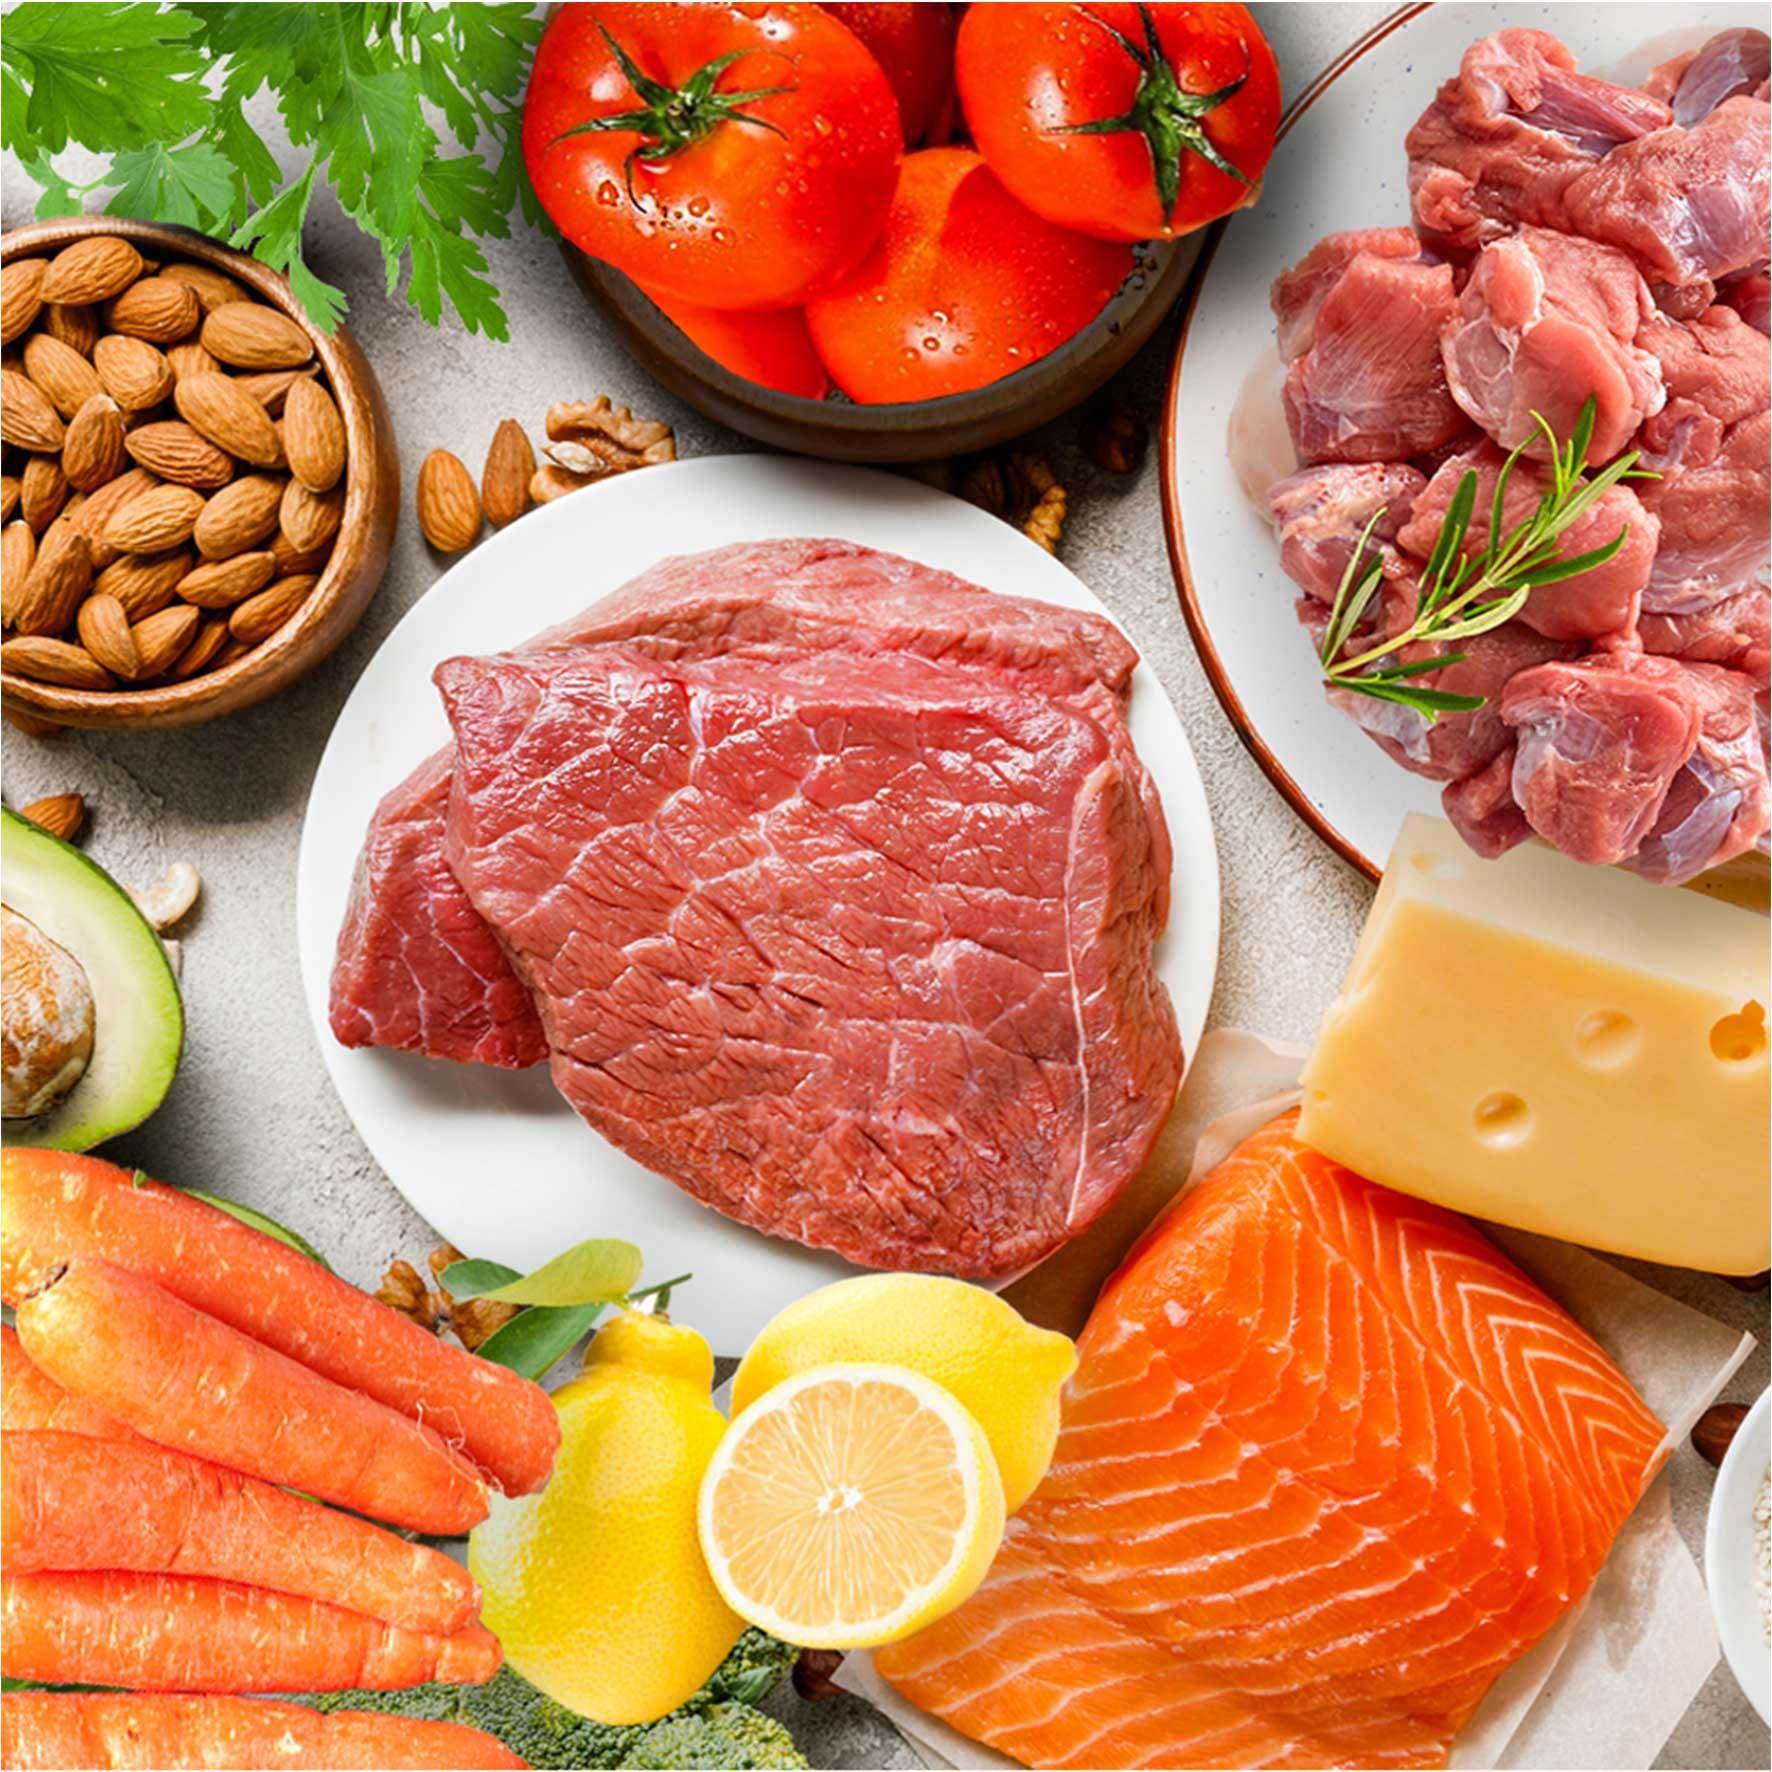 مصرف پروتئین های ضروری برای بیماران مبتلا به کرونا